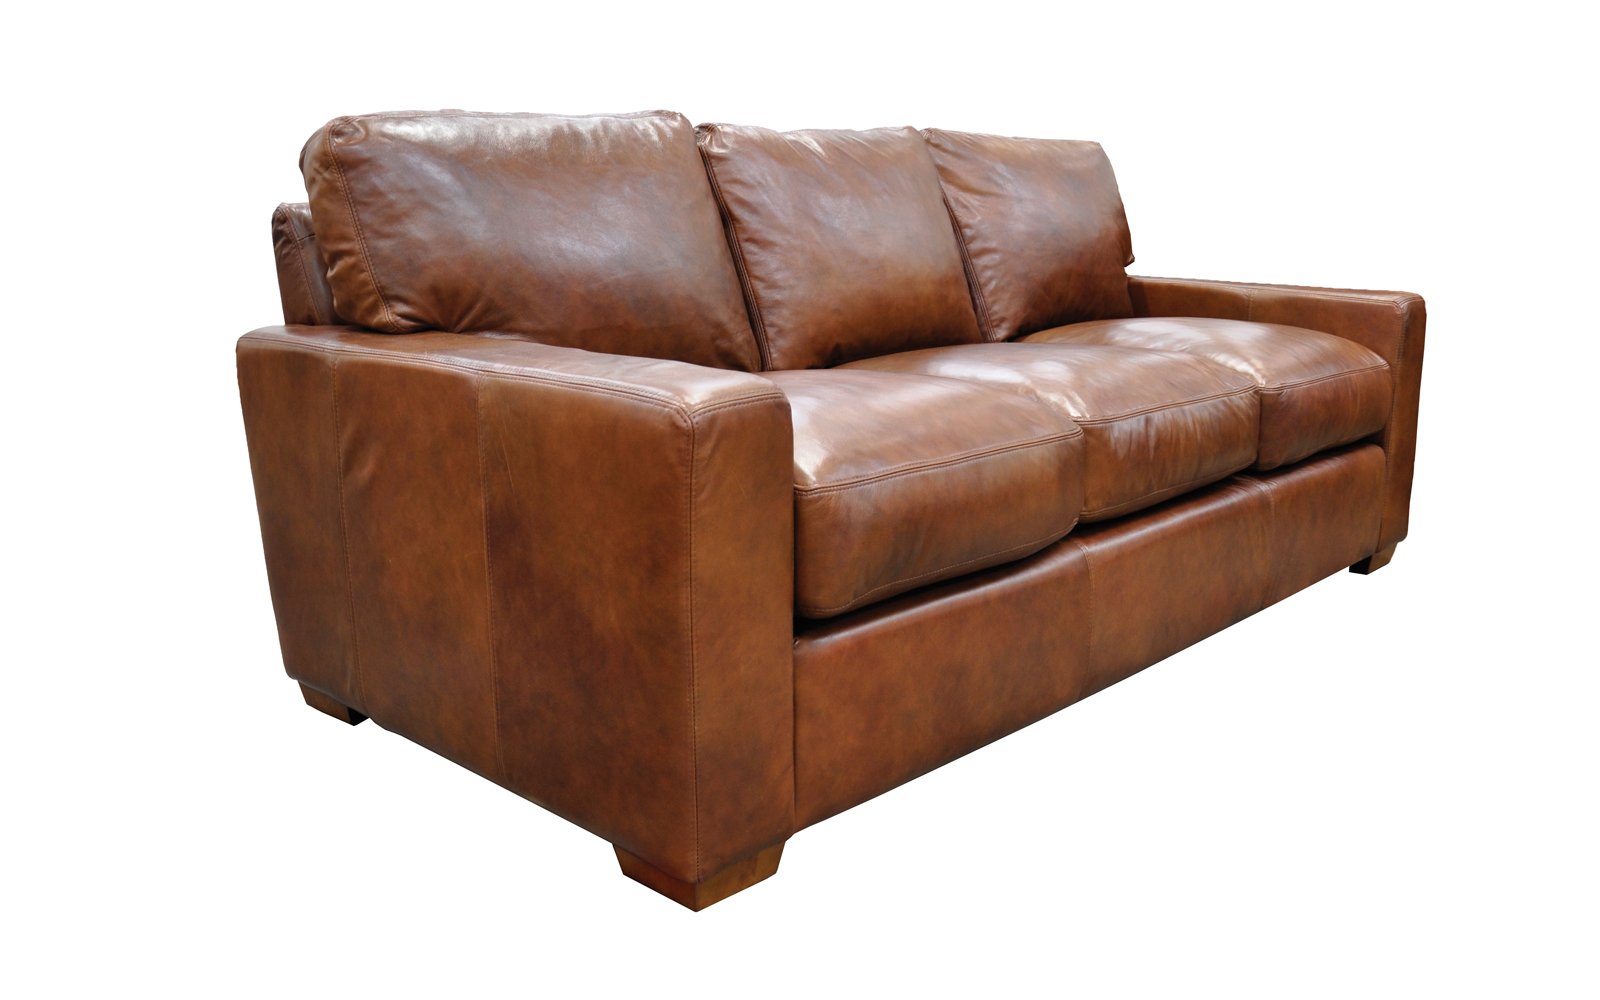 Omnia Furniture City Craft Sofa